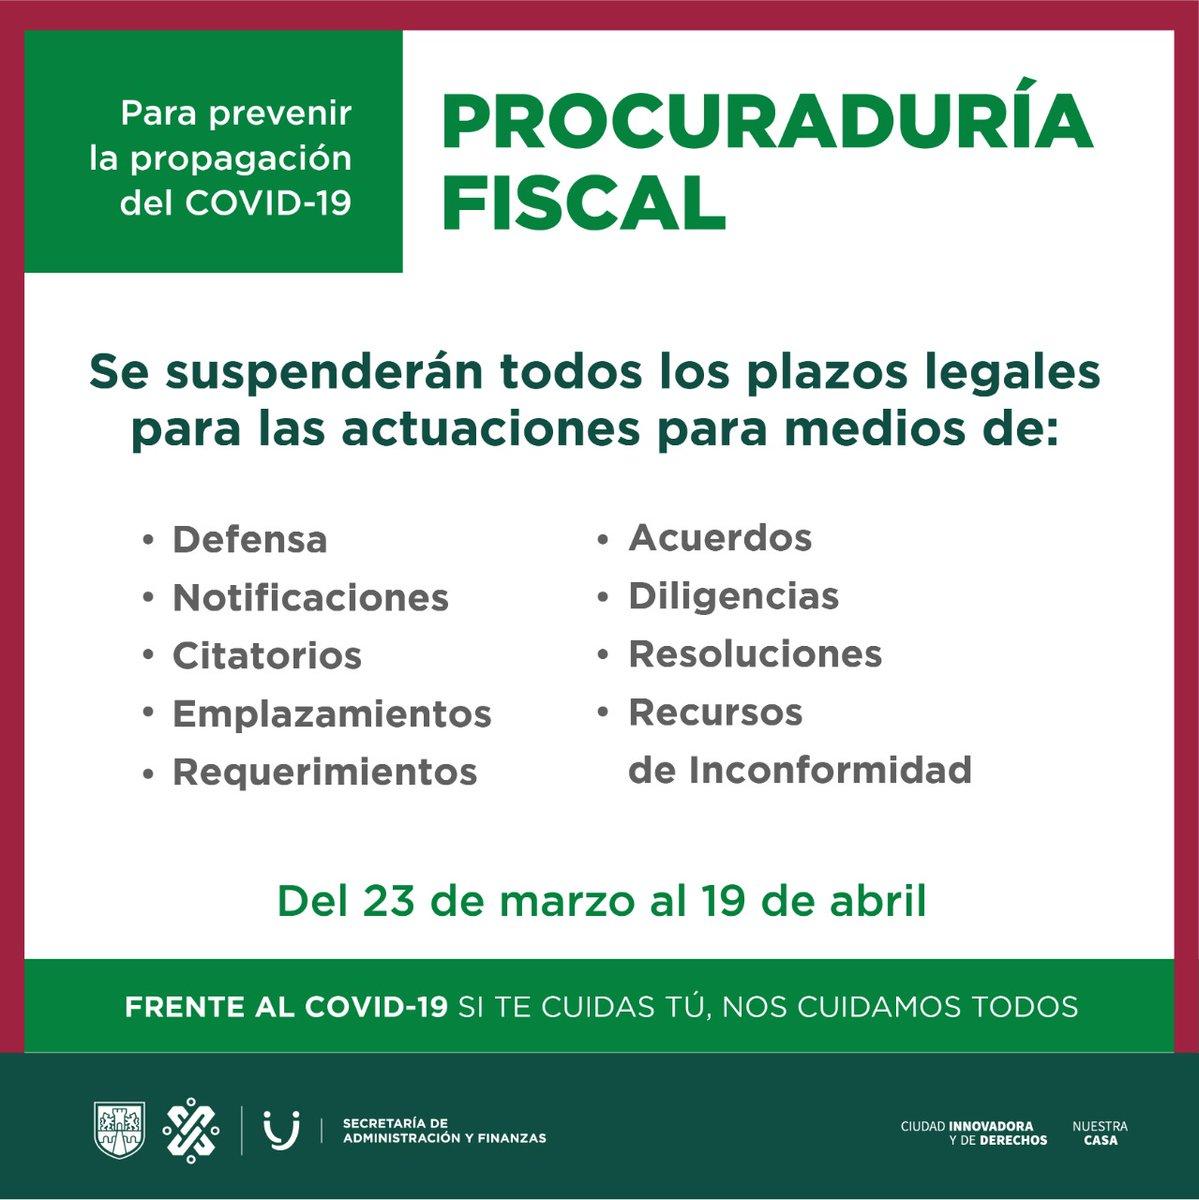 Para prevenir la propagación del #COVID19 en la Ciudad de México, la Procuraduría Fiscal suspende todos los plazos legales para sus actuaciones, hasta el 19 de abril de 2020. #QuédateEnCasaCDMX